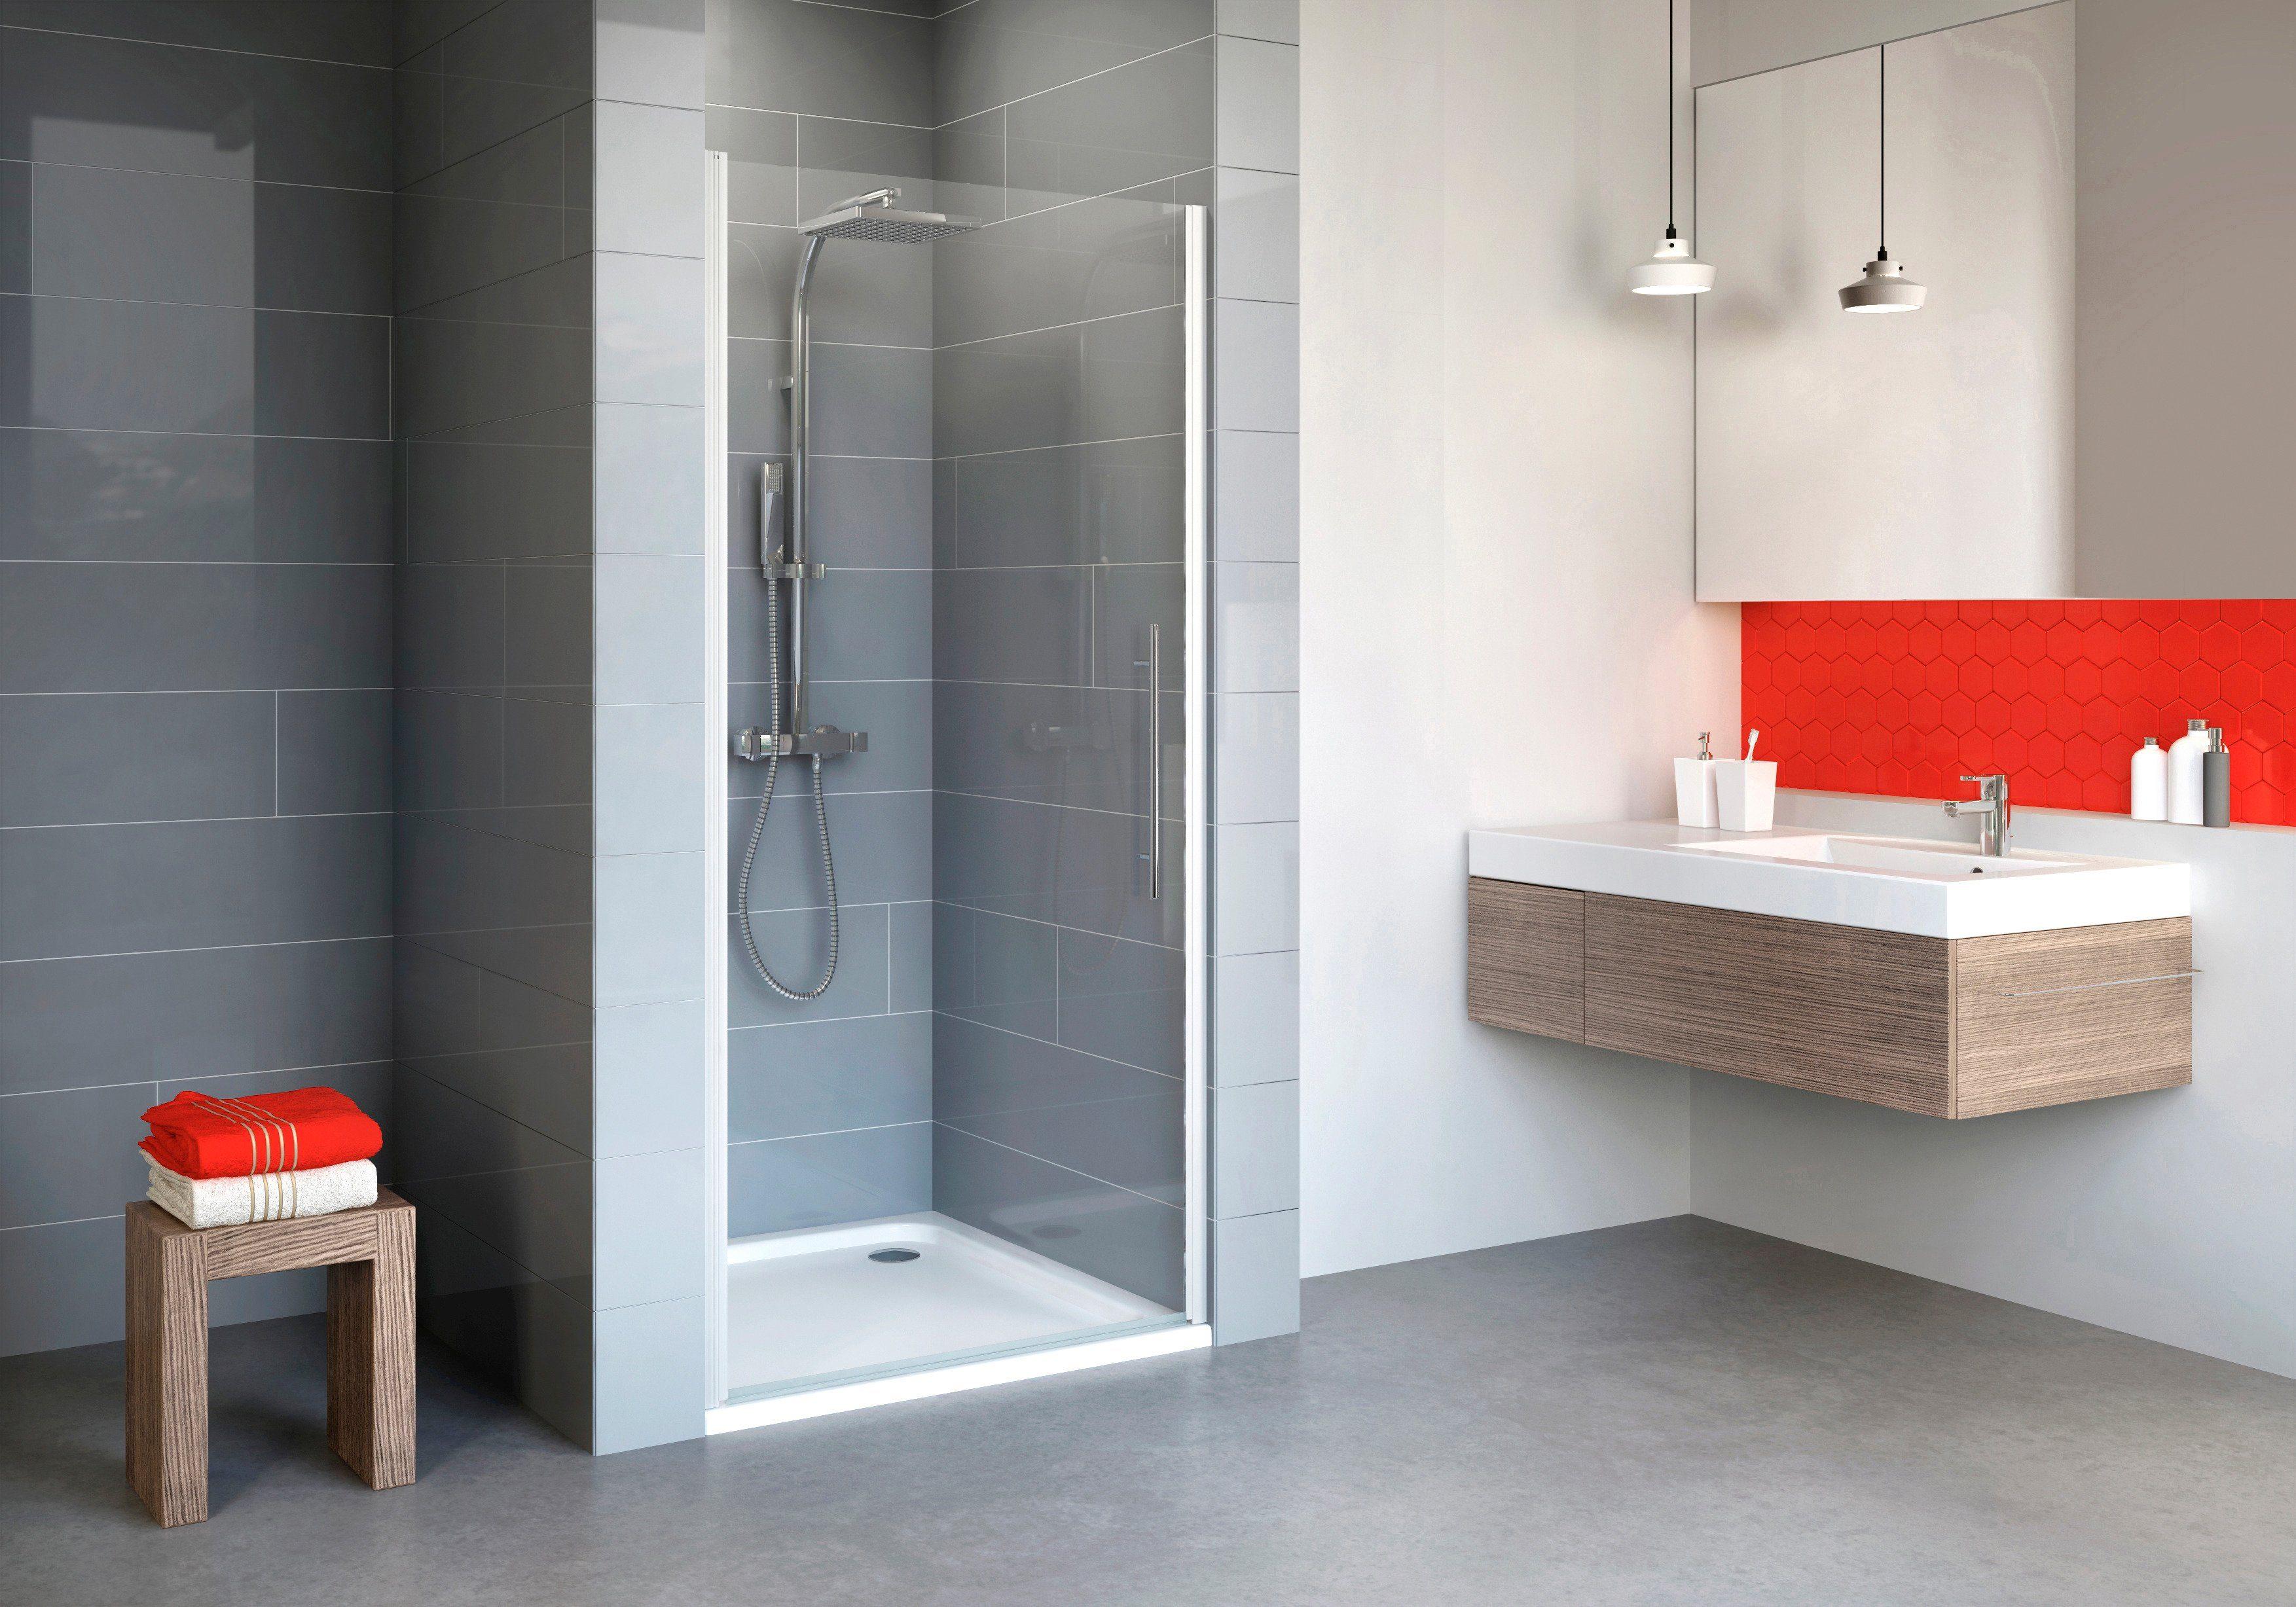 SCHULTE Nischentür »Alexa Style 2.0«, Duschtür mit Verstellbereich von 88-92 cm